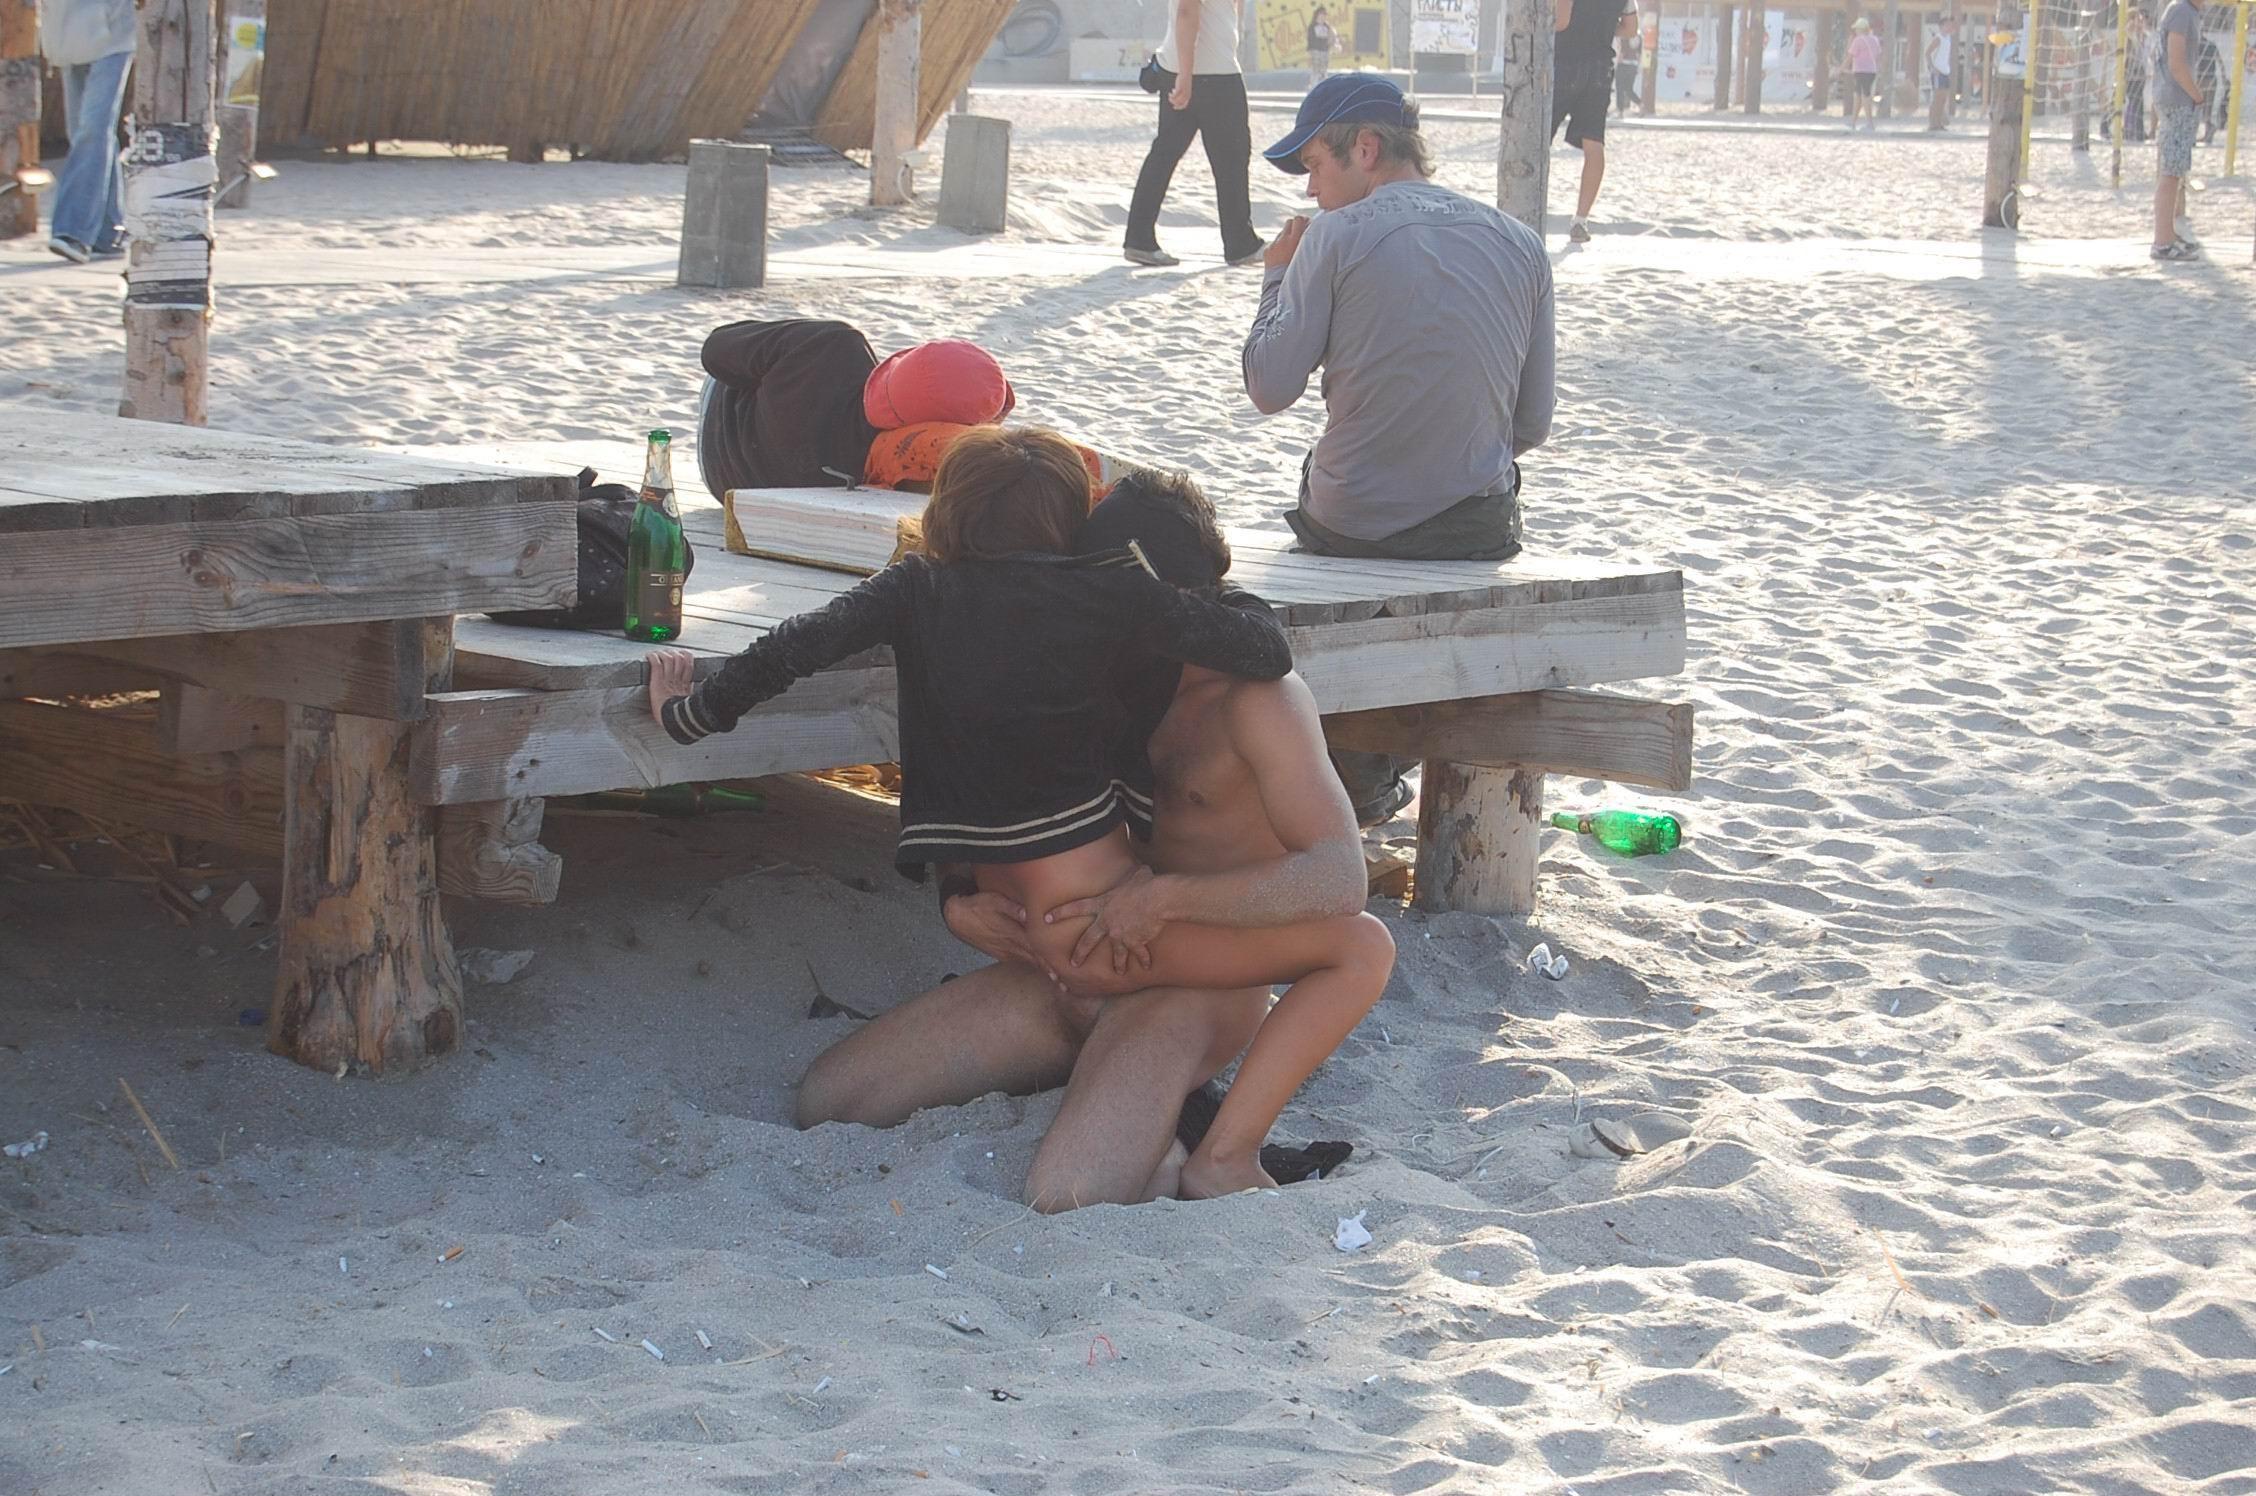 my wife fuck a stranger outdoor free porn xhamster Nudist Beach Ass Publicsex Handjob